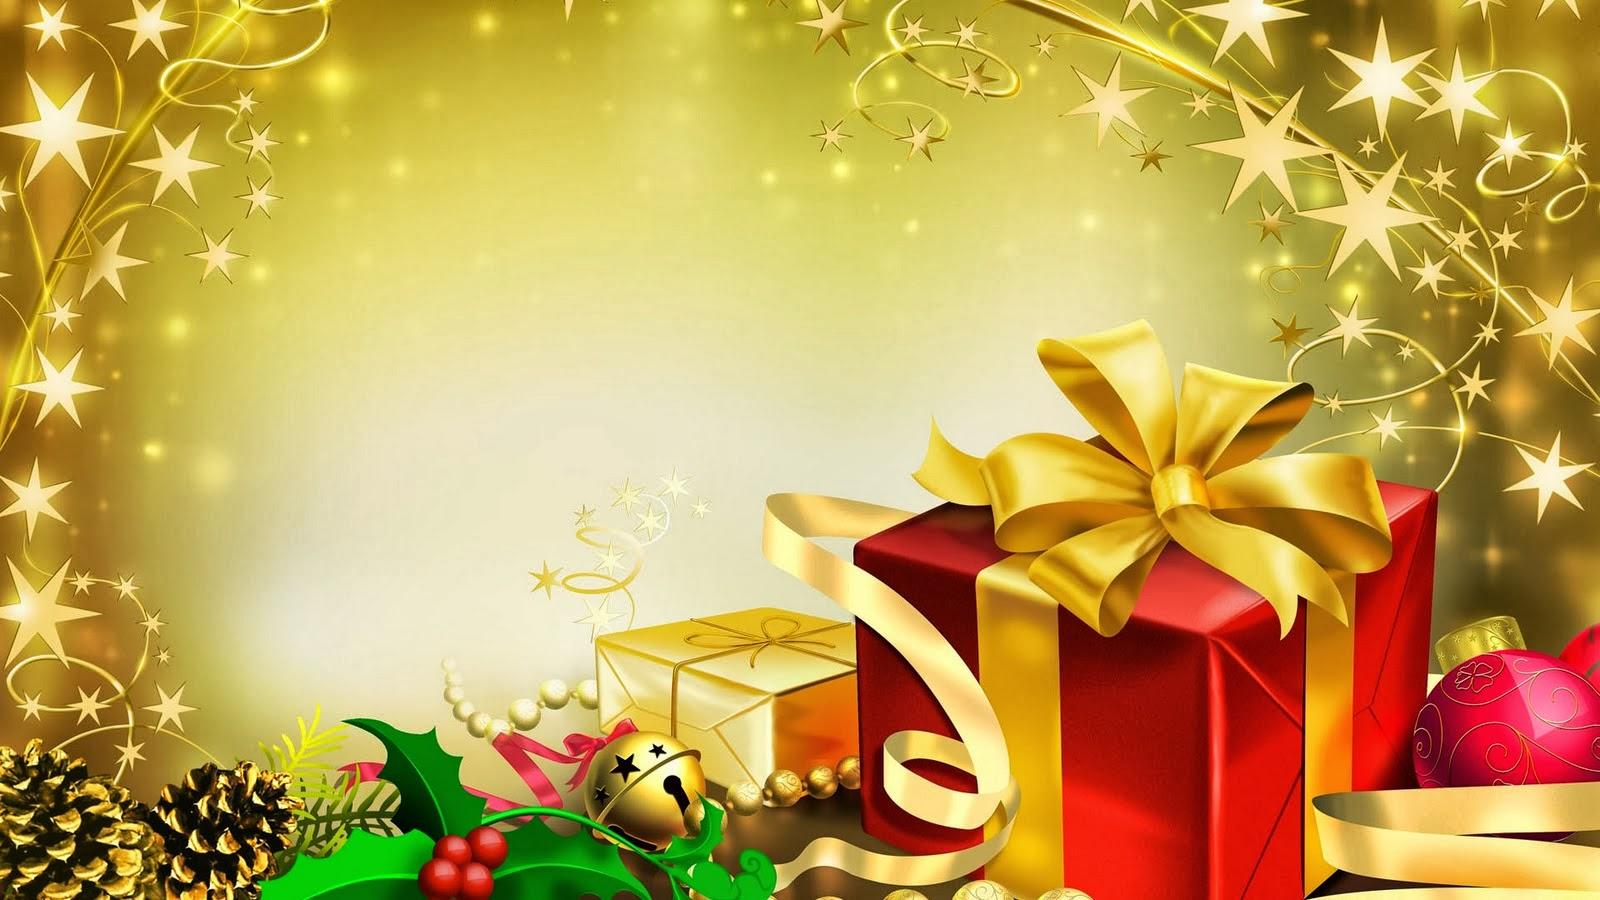 Hd Christmas Wa...